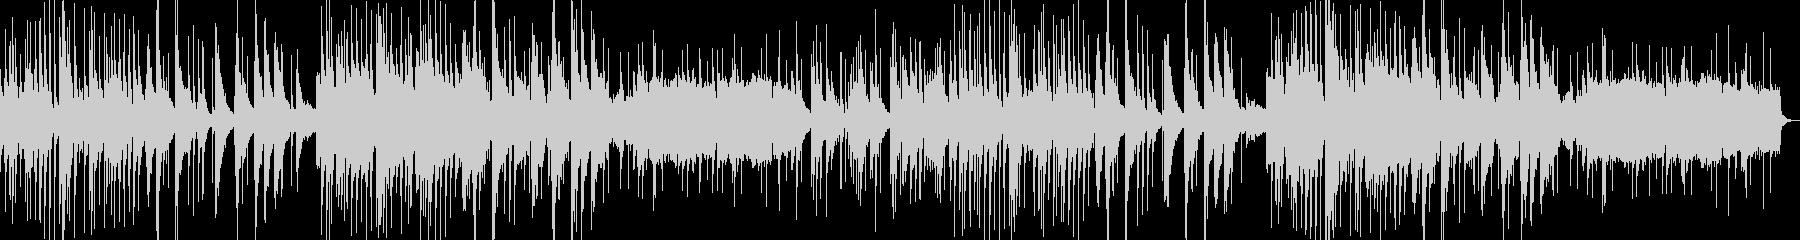 琴と和楽器 少し切ない和風BGMの未再生の波形